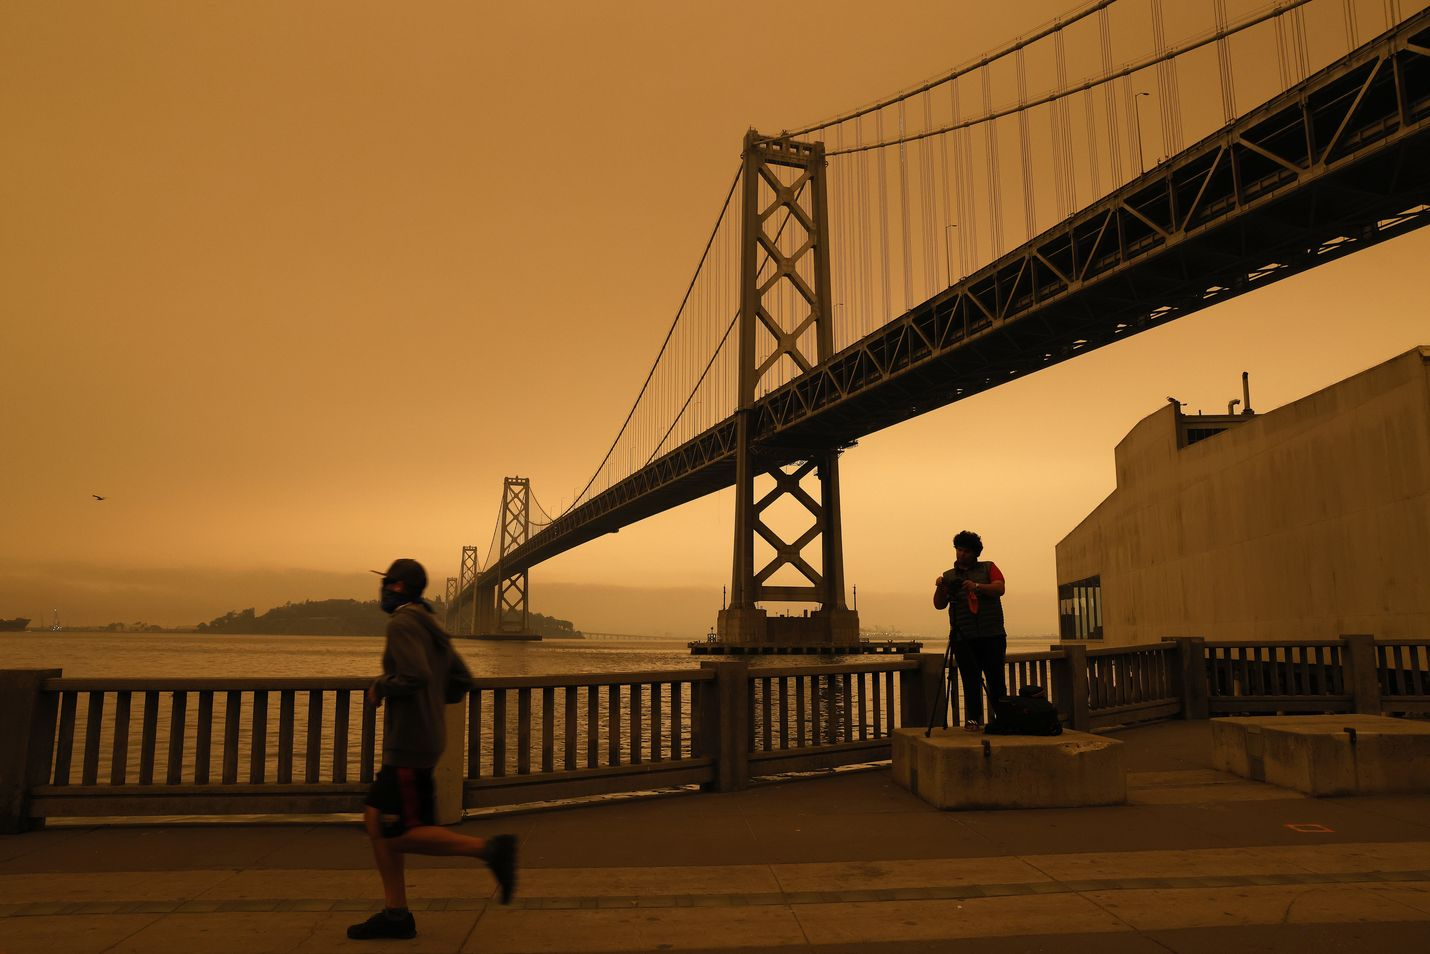 Kaliforniassa riehuvista maastopaloista nouseva savu muutti taivaan oranssiksi San Franciscossa 9. syyskuuta.